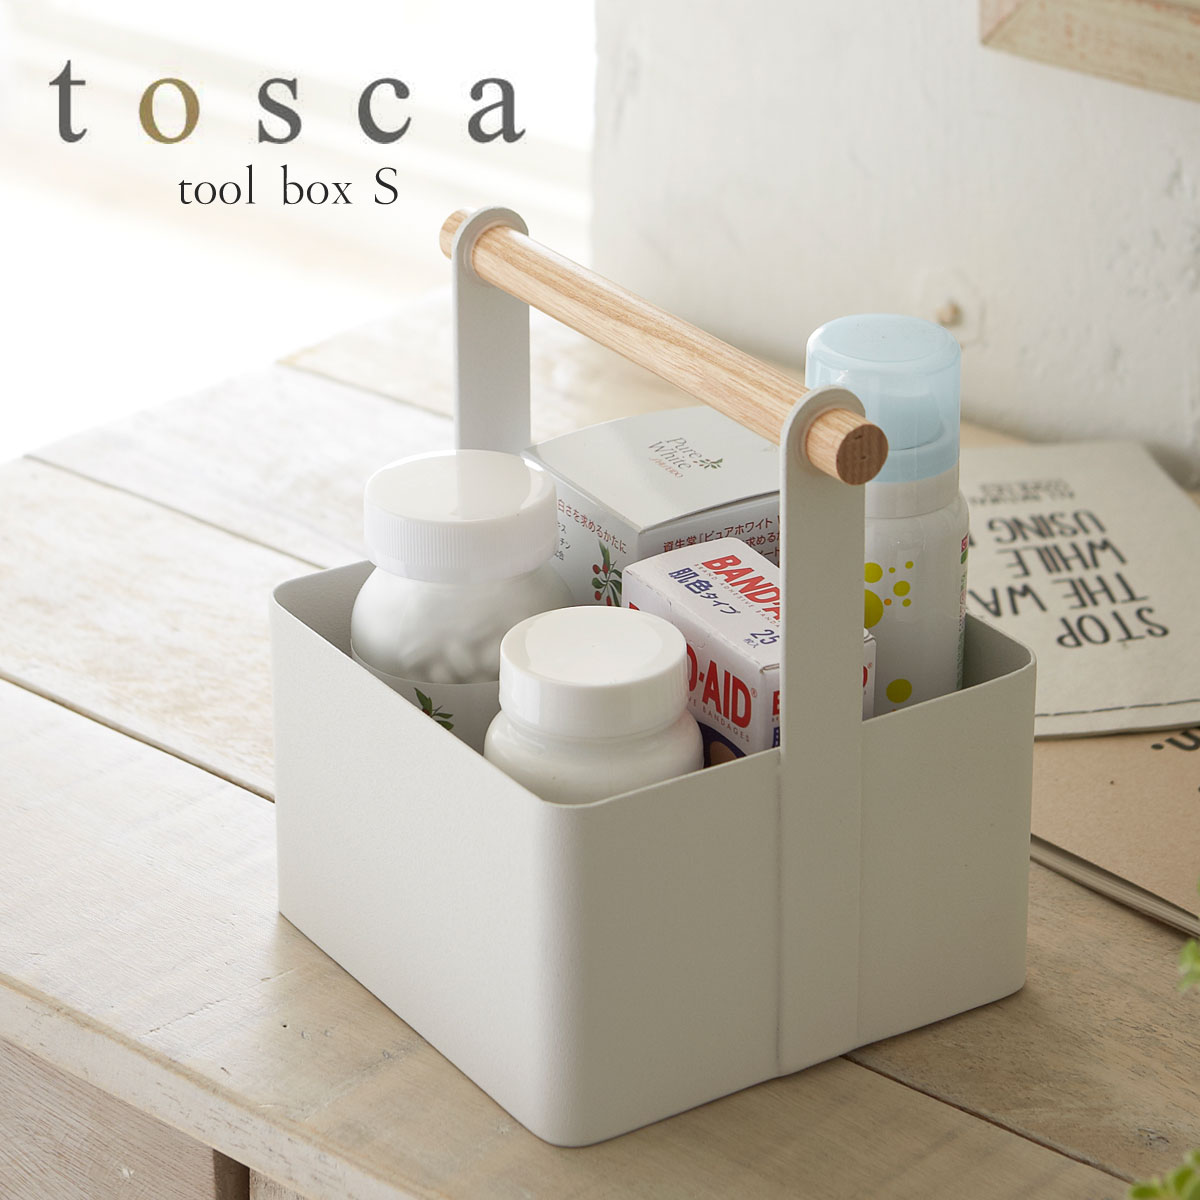 救急箱 薬箱 クスリ箱 くすり箱 かわいい おしゃれツールボックス トスカ tosca S ホワイト 02313